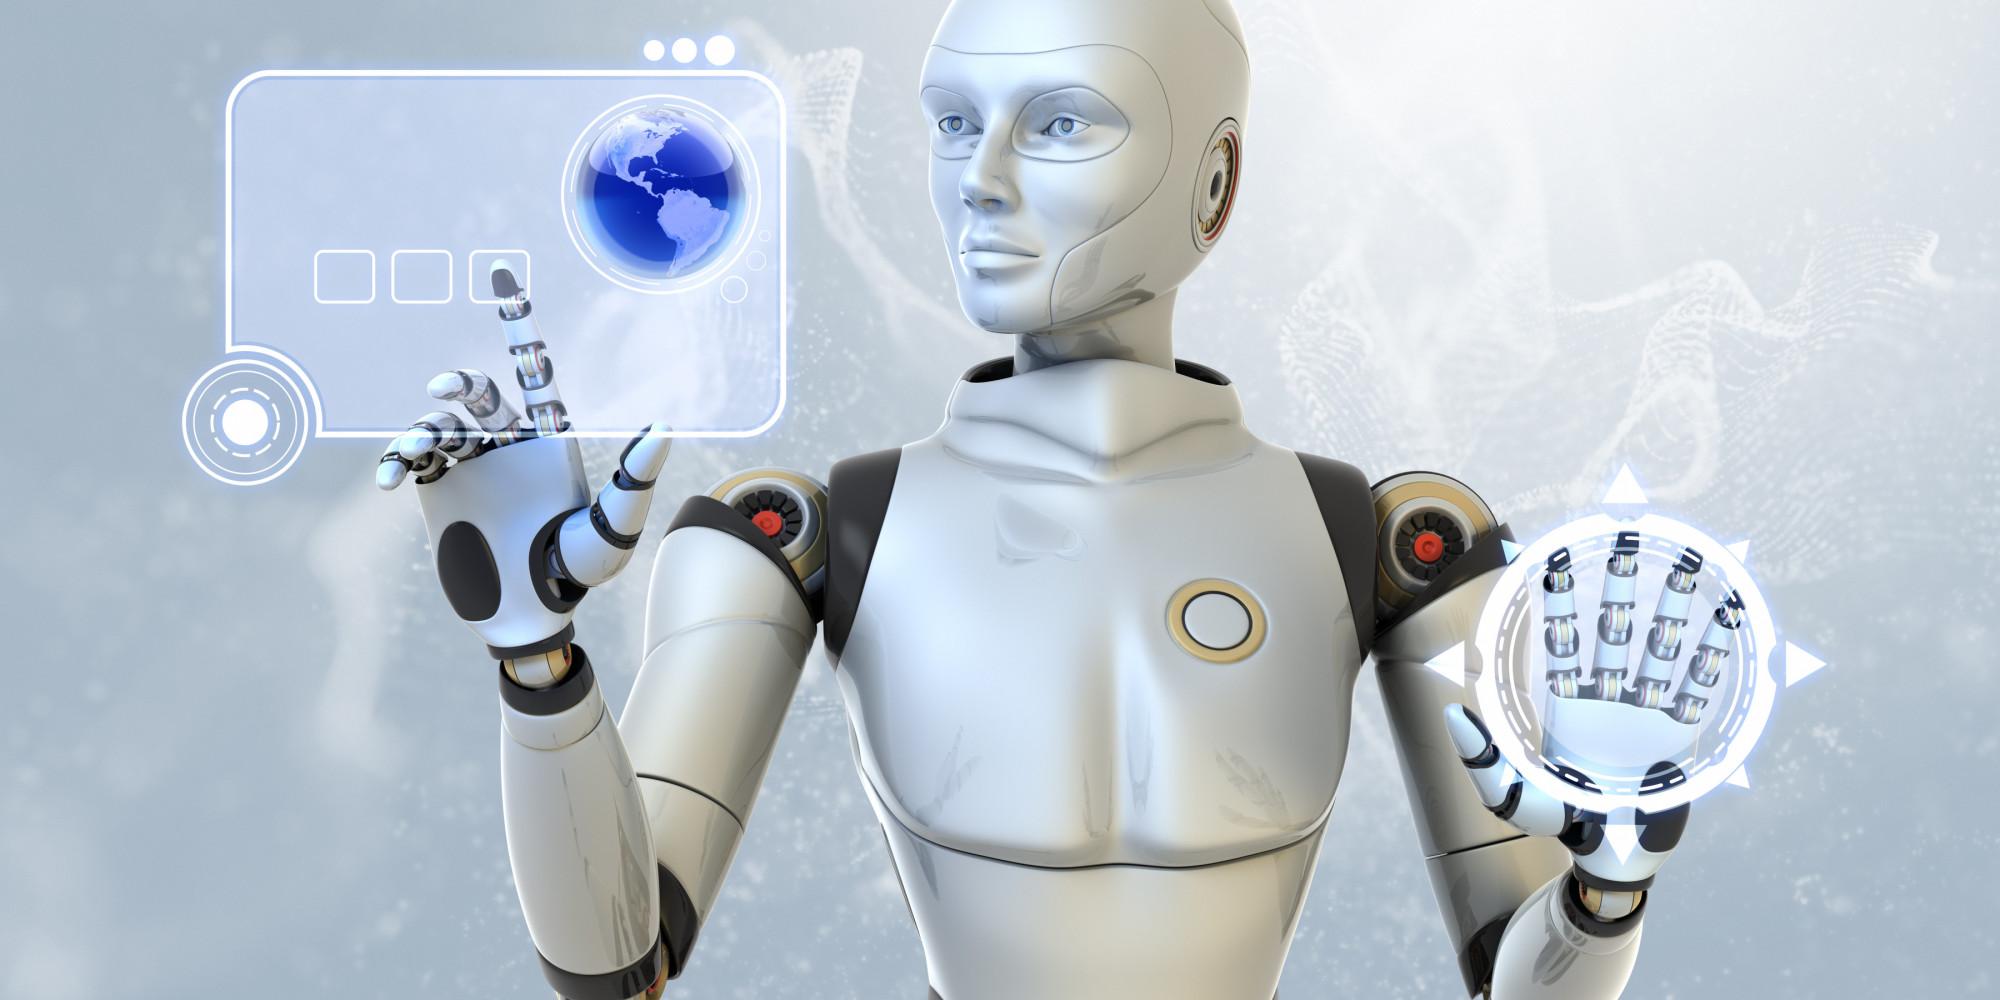 人工智能将会告诉你:你的寿命还有多久?